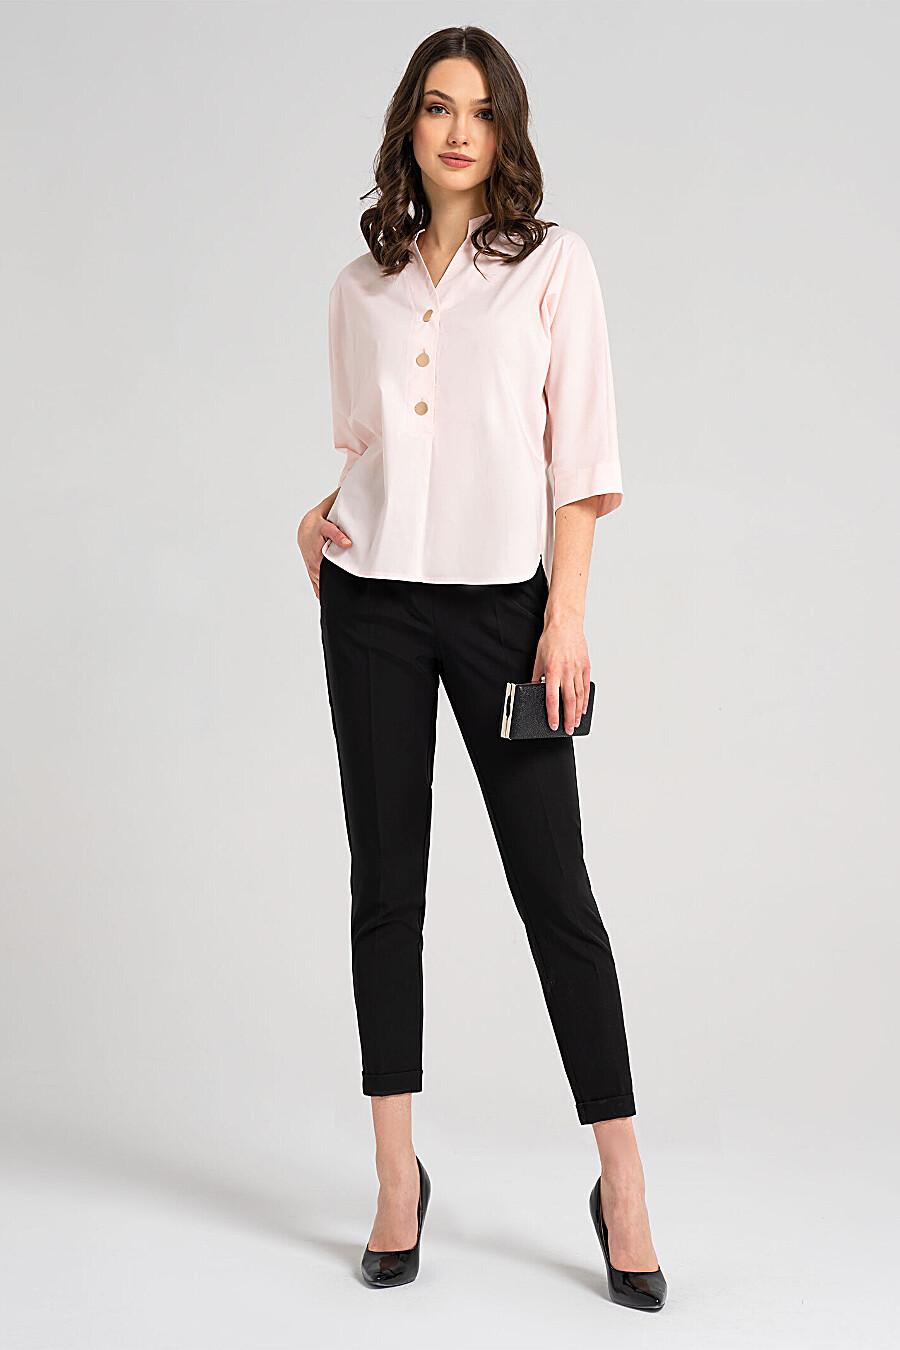 Блуза для женщин PANDA 682455 купить оптом от производителя. Совместная покупка женской одежды в OptMoyo